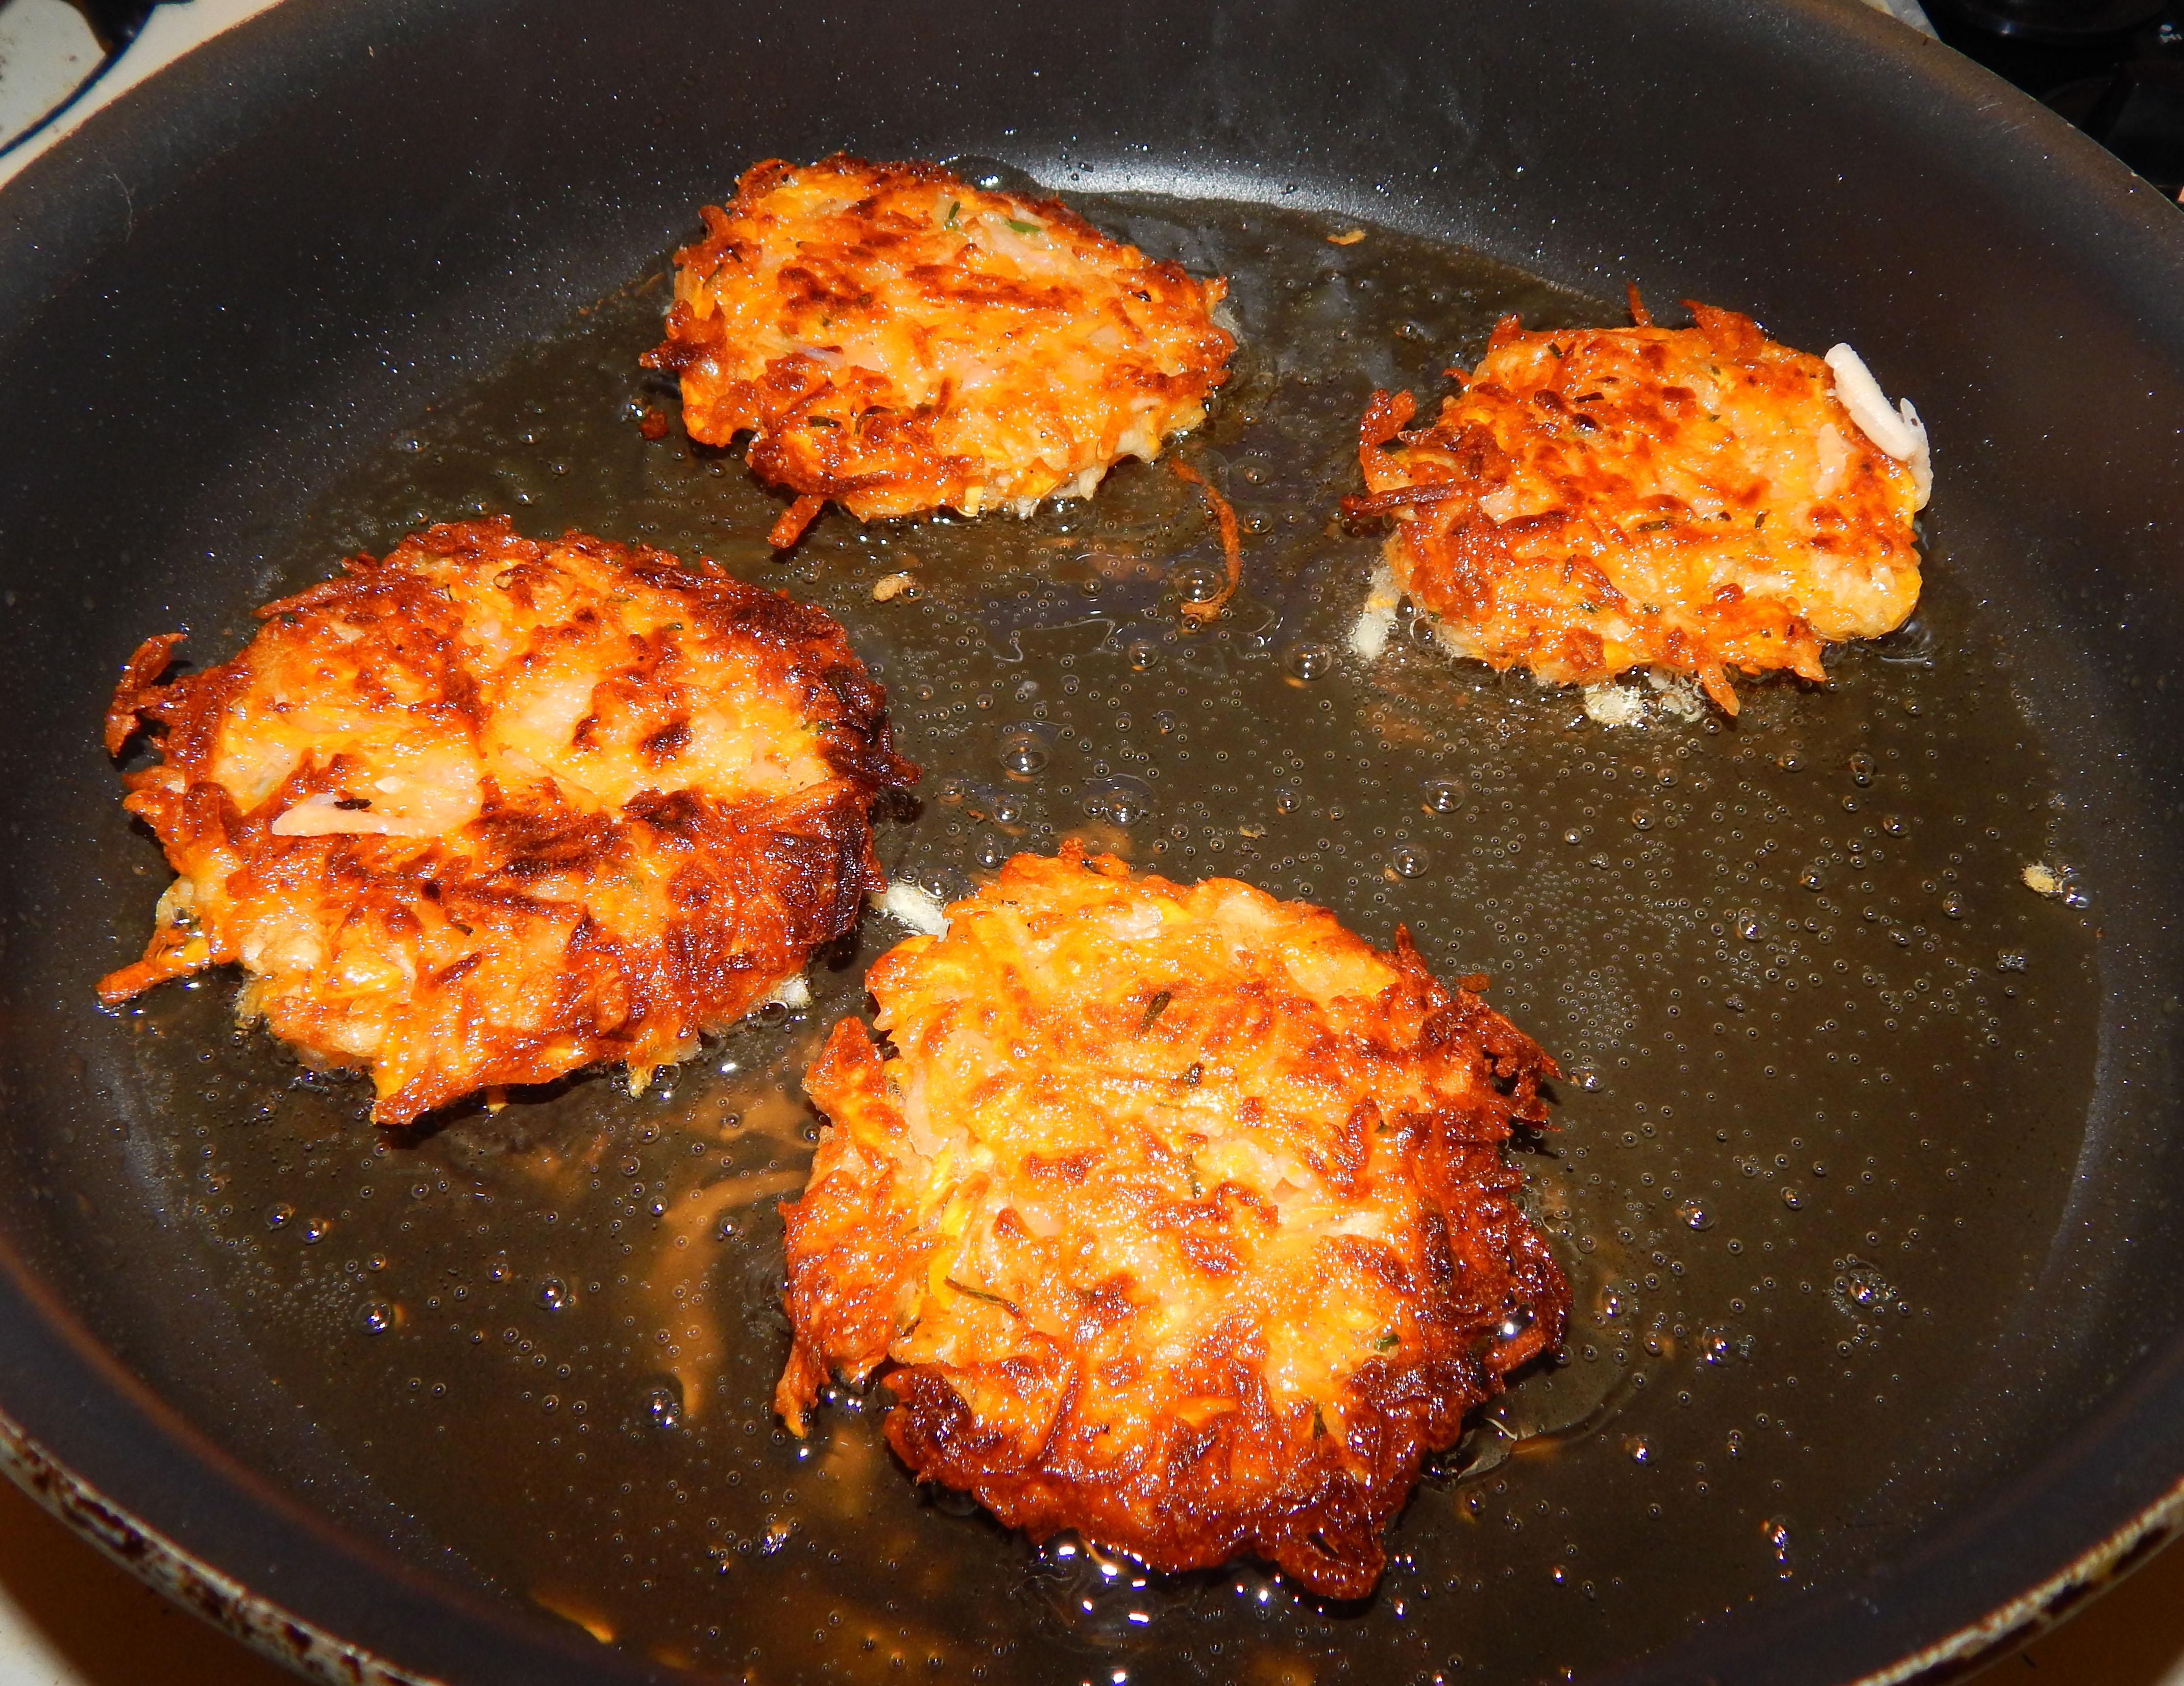 Tal Ronnen's Sweet Potato Latkes With Spiked Applesauce ...